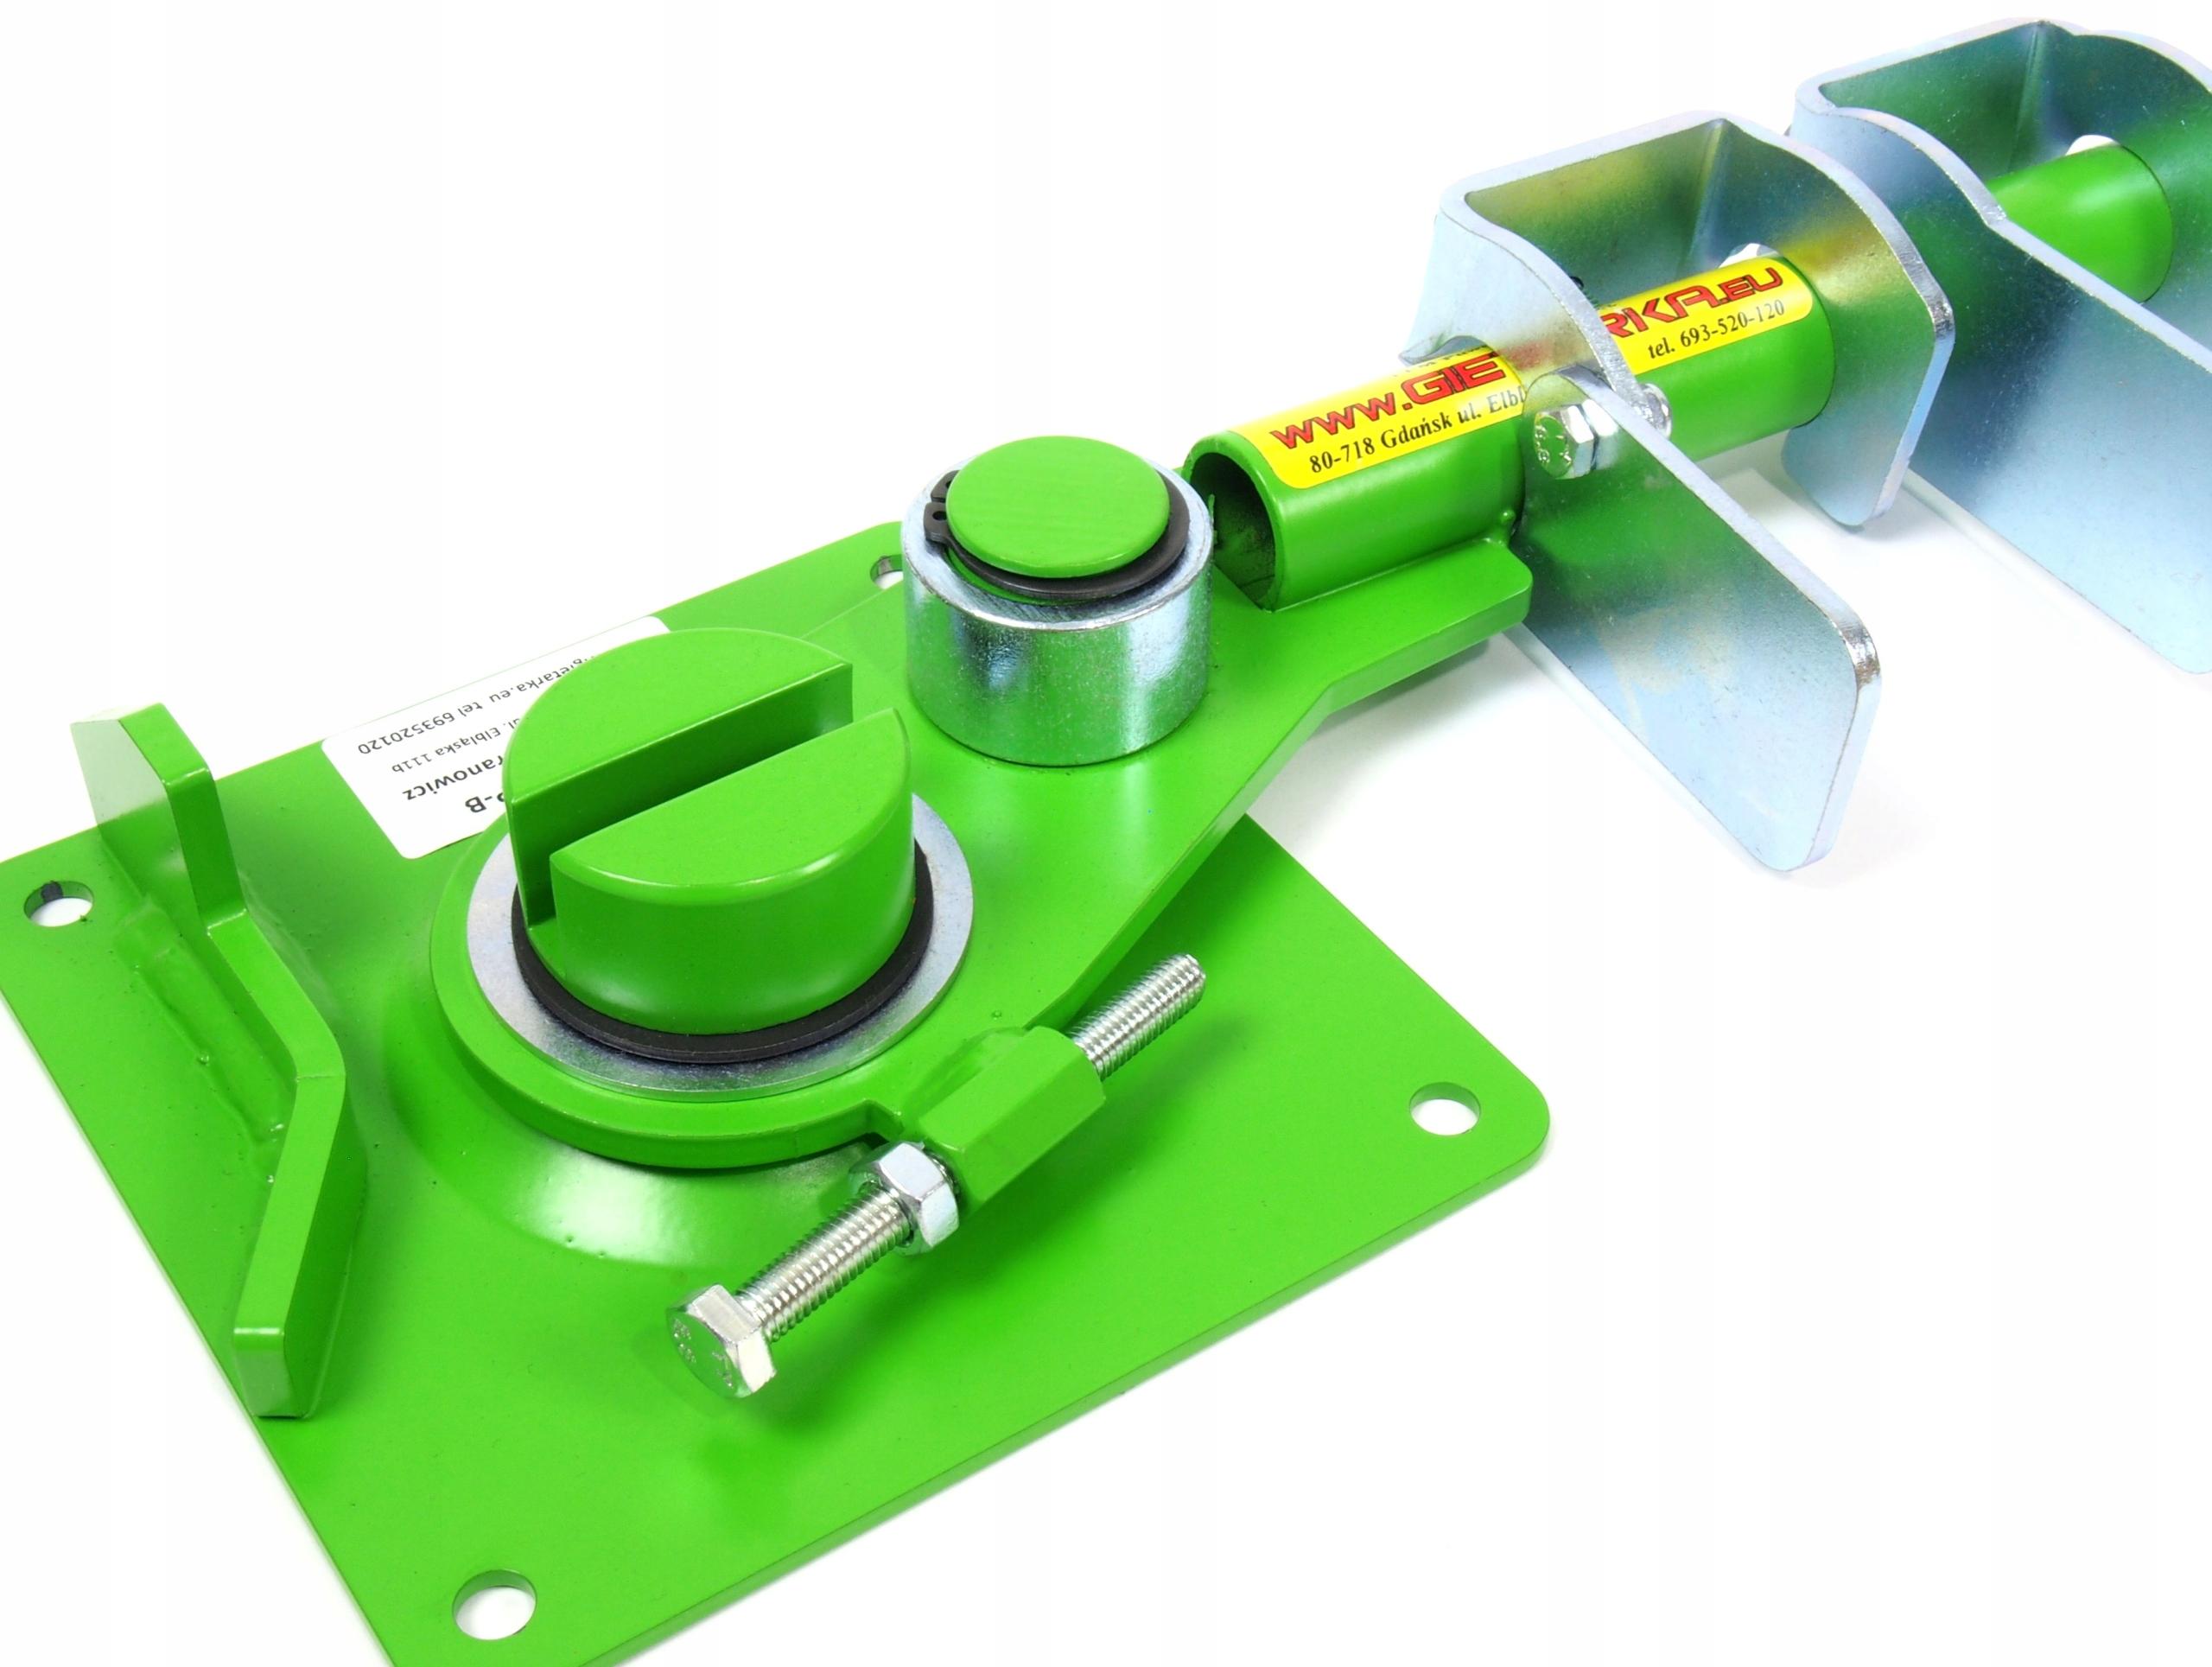 6-14 Станок для гибки проволоки для хомутов с канавкой 10 мм